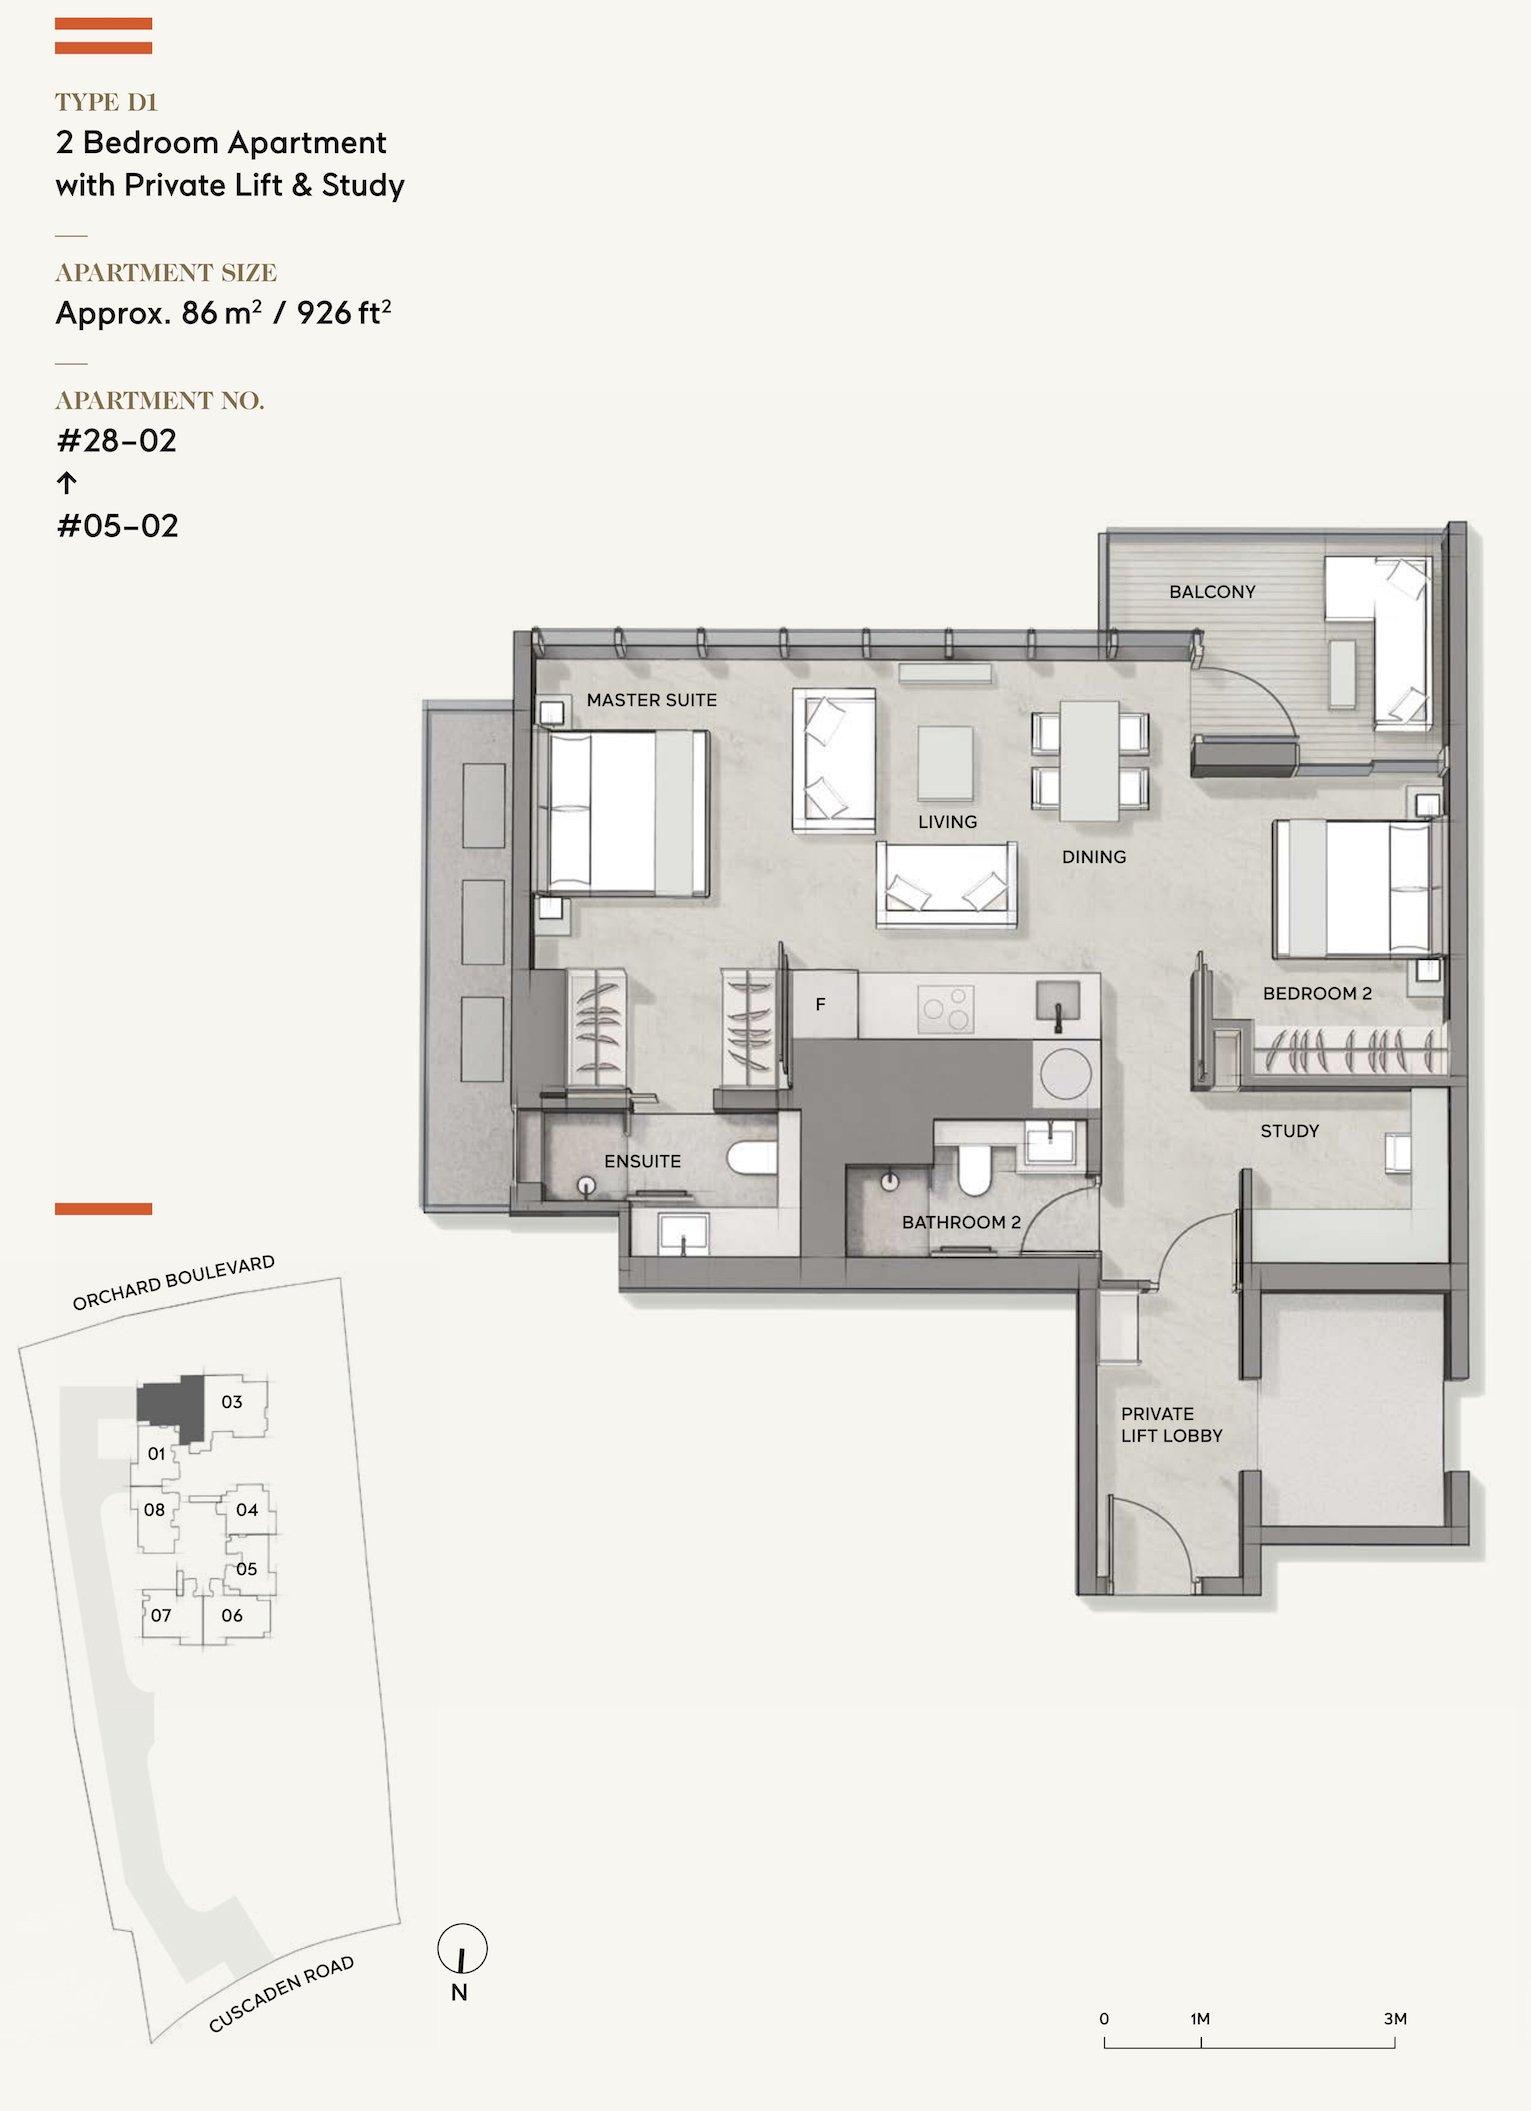 Cuscaden Reserve 公寓 floor plan 2 bedroom study